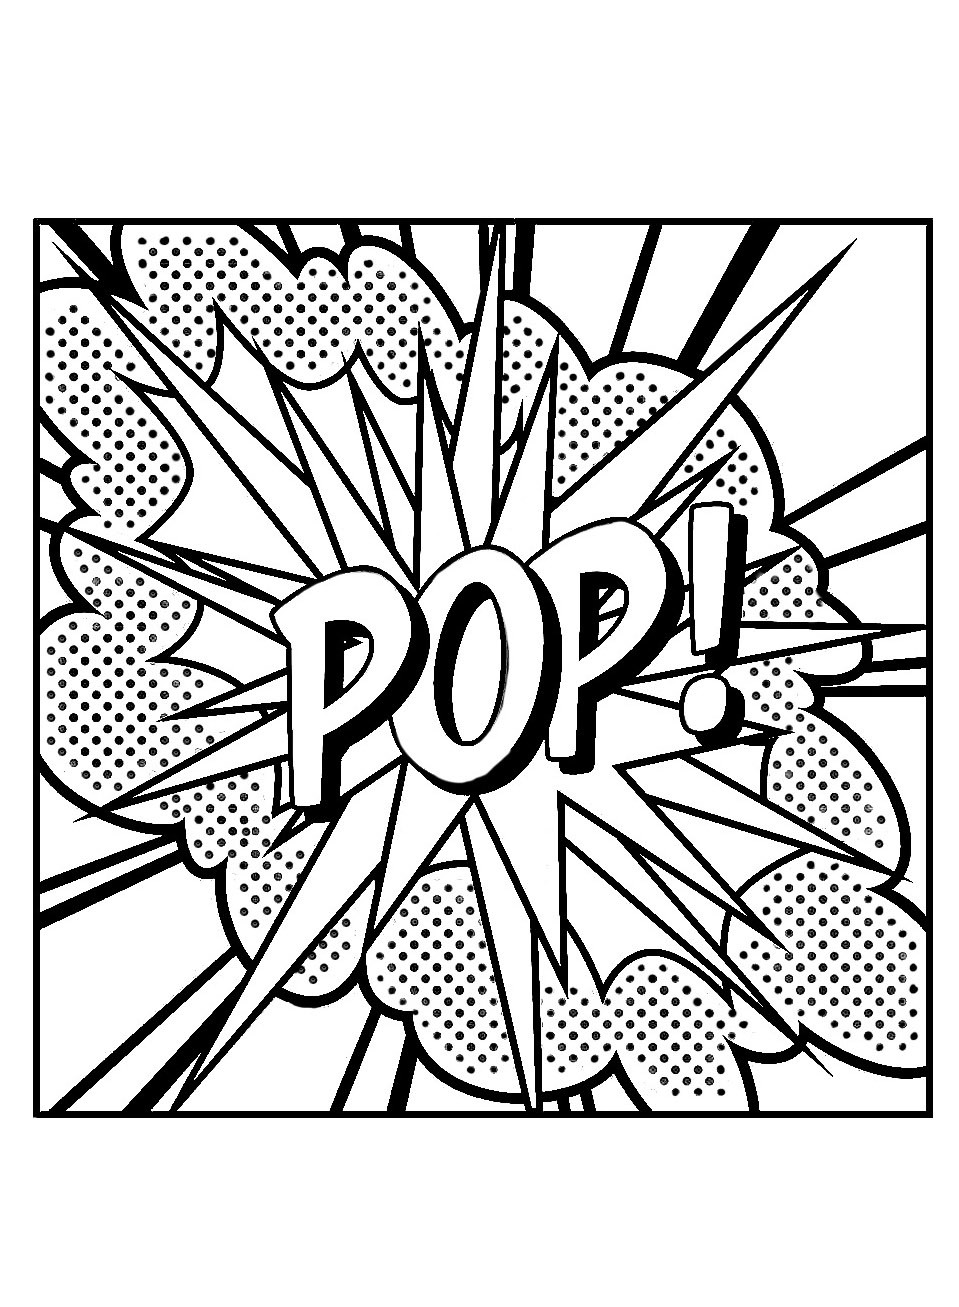 Best ideas about Roy Lichtenstein Coloring Sheets For Kids . Save or Pin Roy lichtenstein to for free Roy Lichtenstein Now.